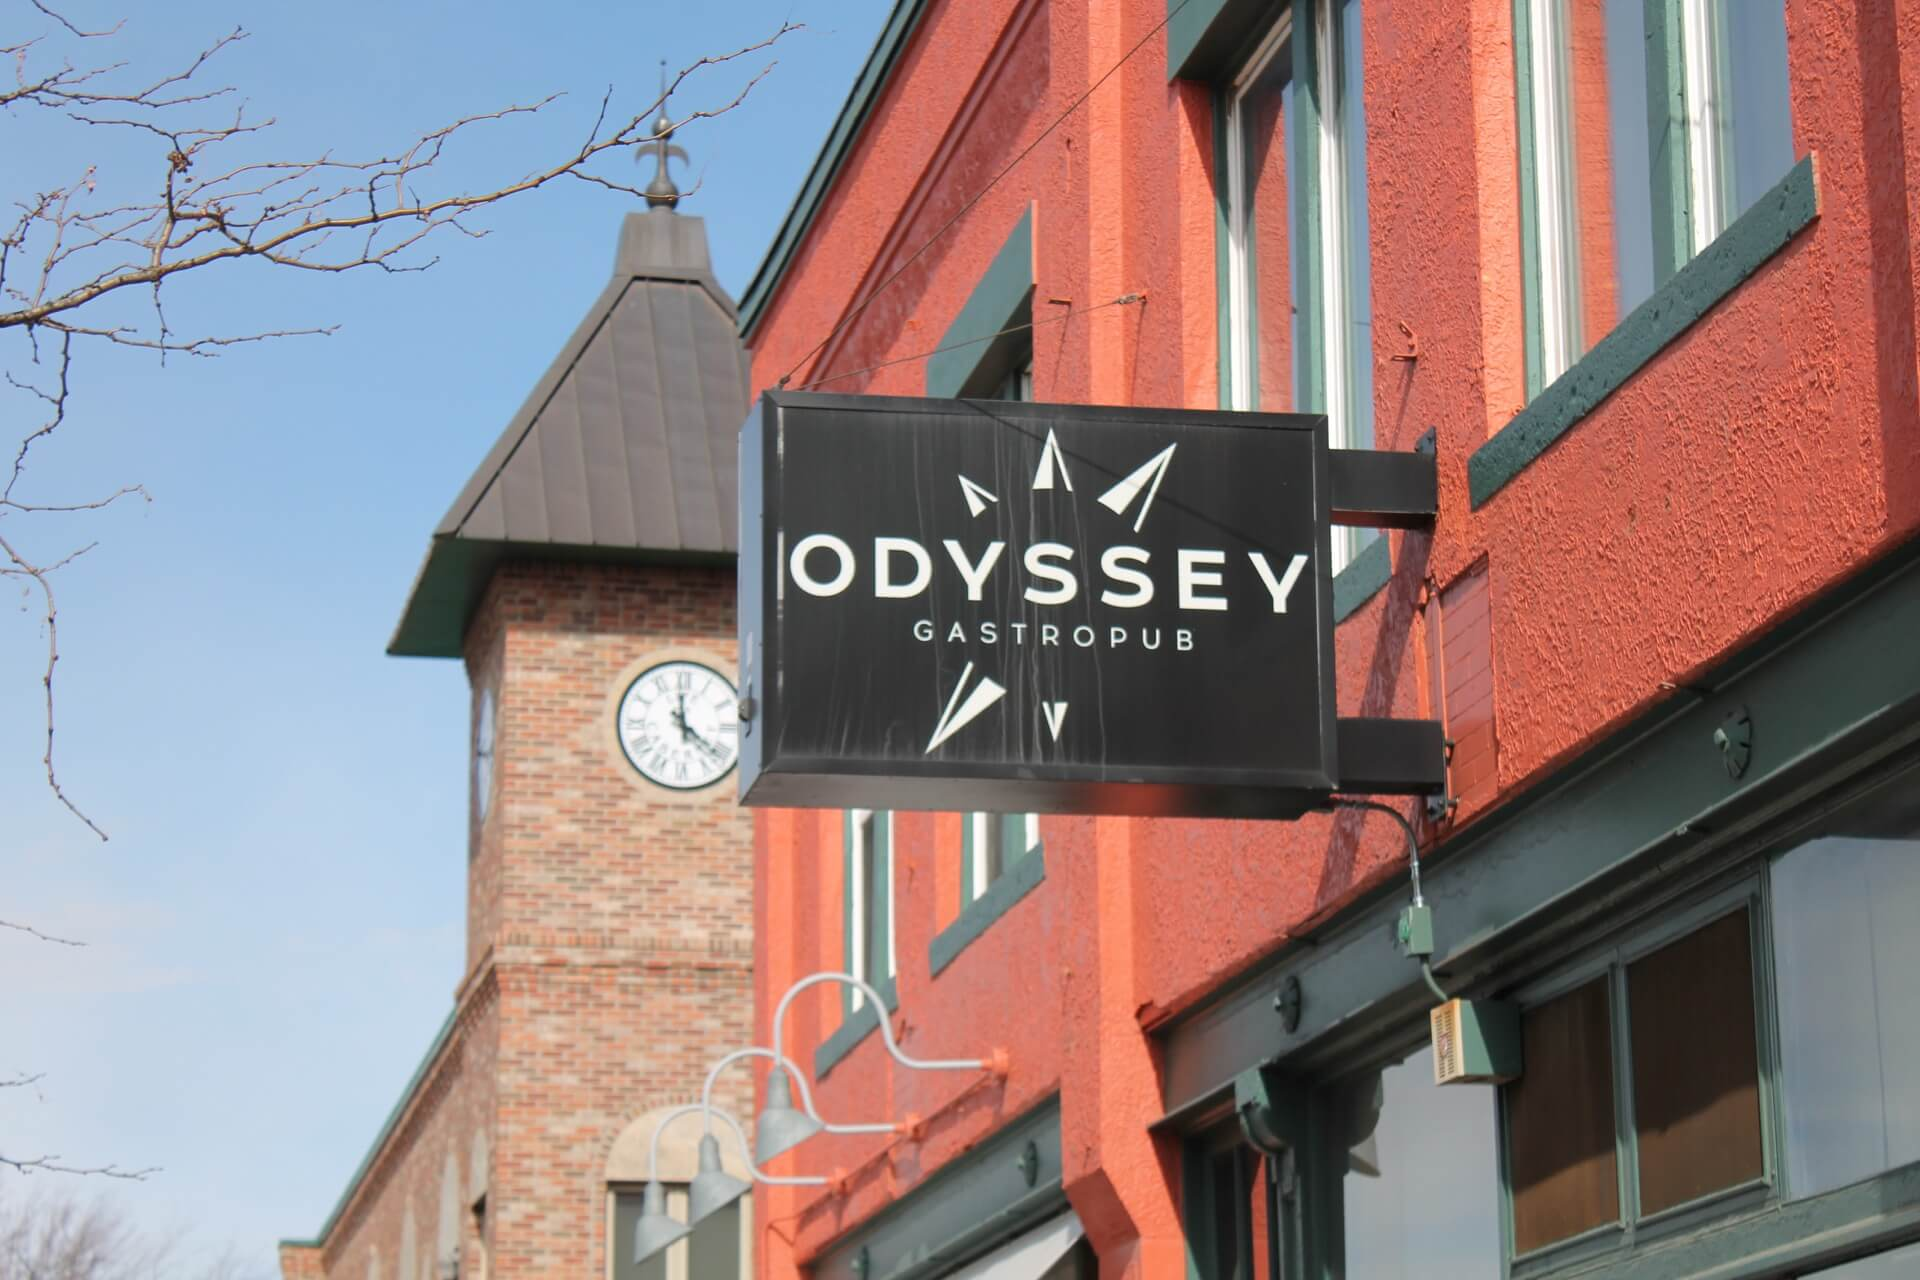 Odyssey Gastropub